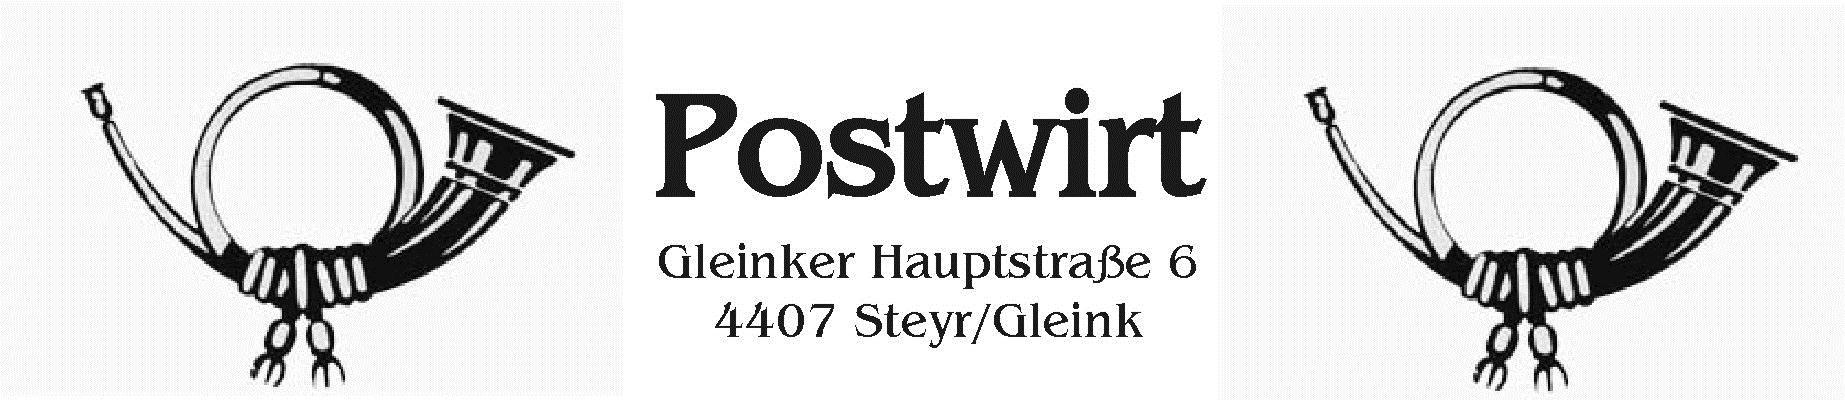 Postwirt, Gleinker Hauptstraße 6, 4407 Steyr/Gleink